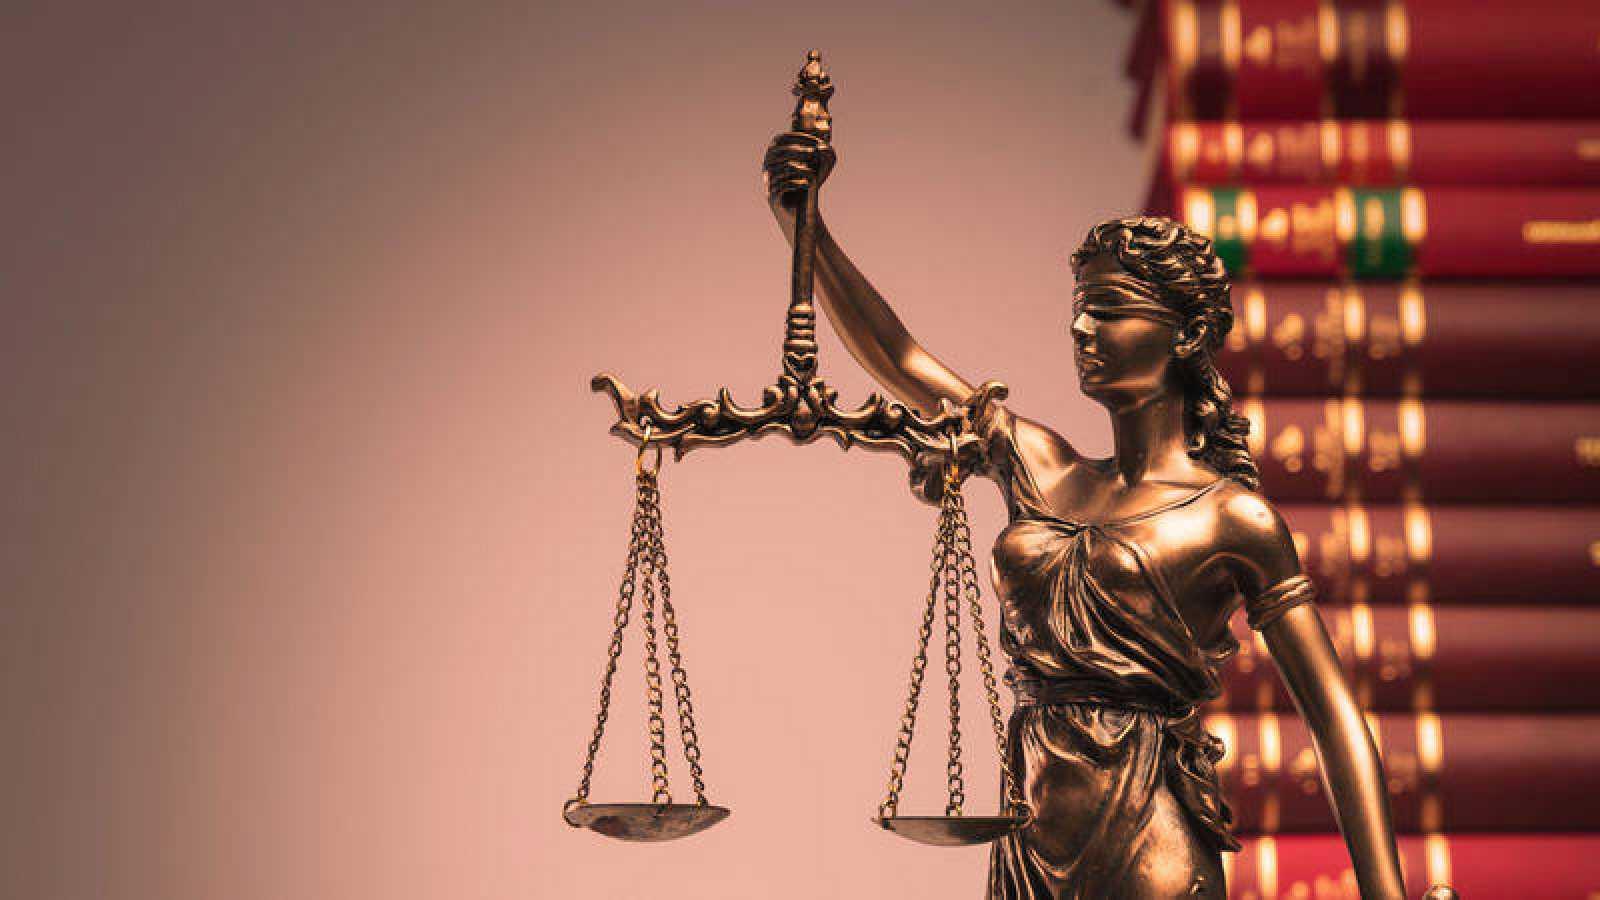 Las cuatro asociaciones de jueces se defienden de las acusaciones de maltrato judicial a víctimas de violencia de género